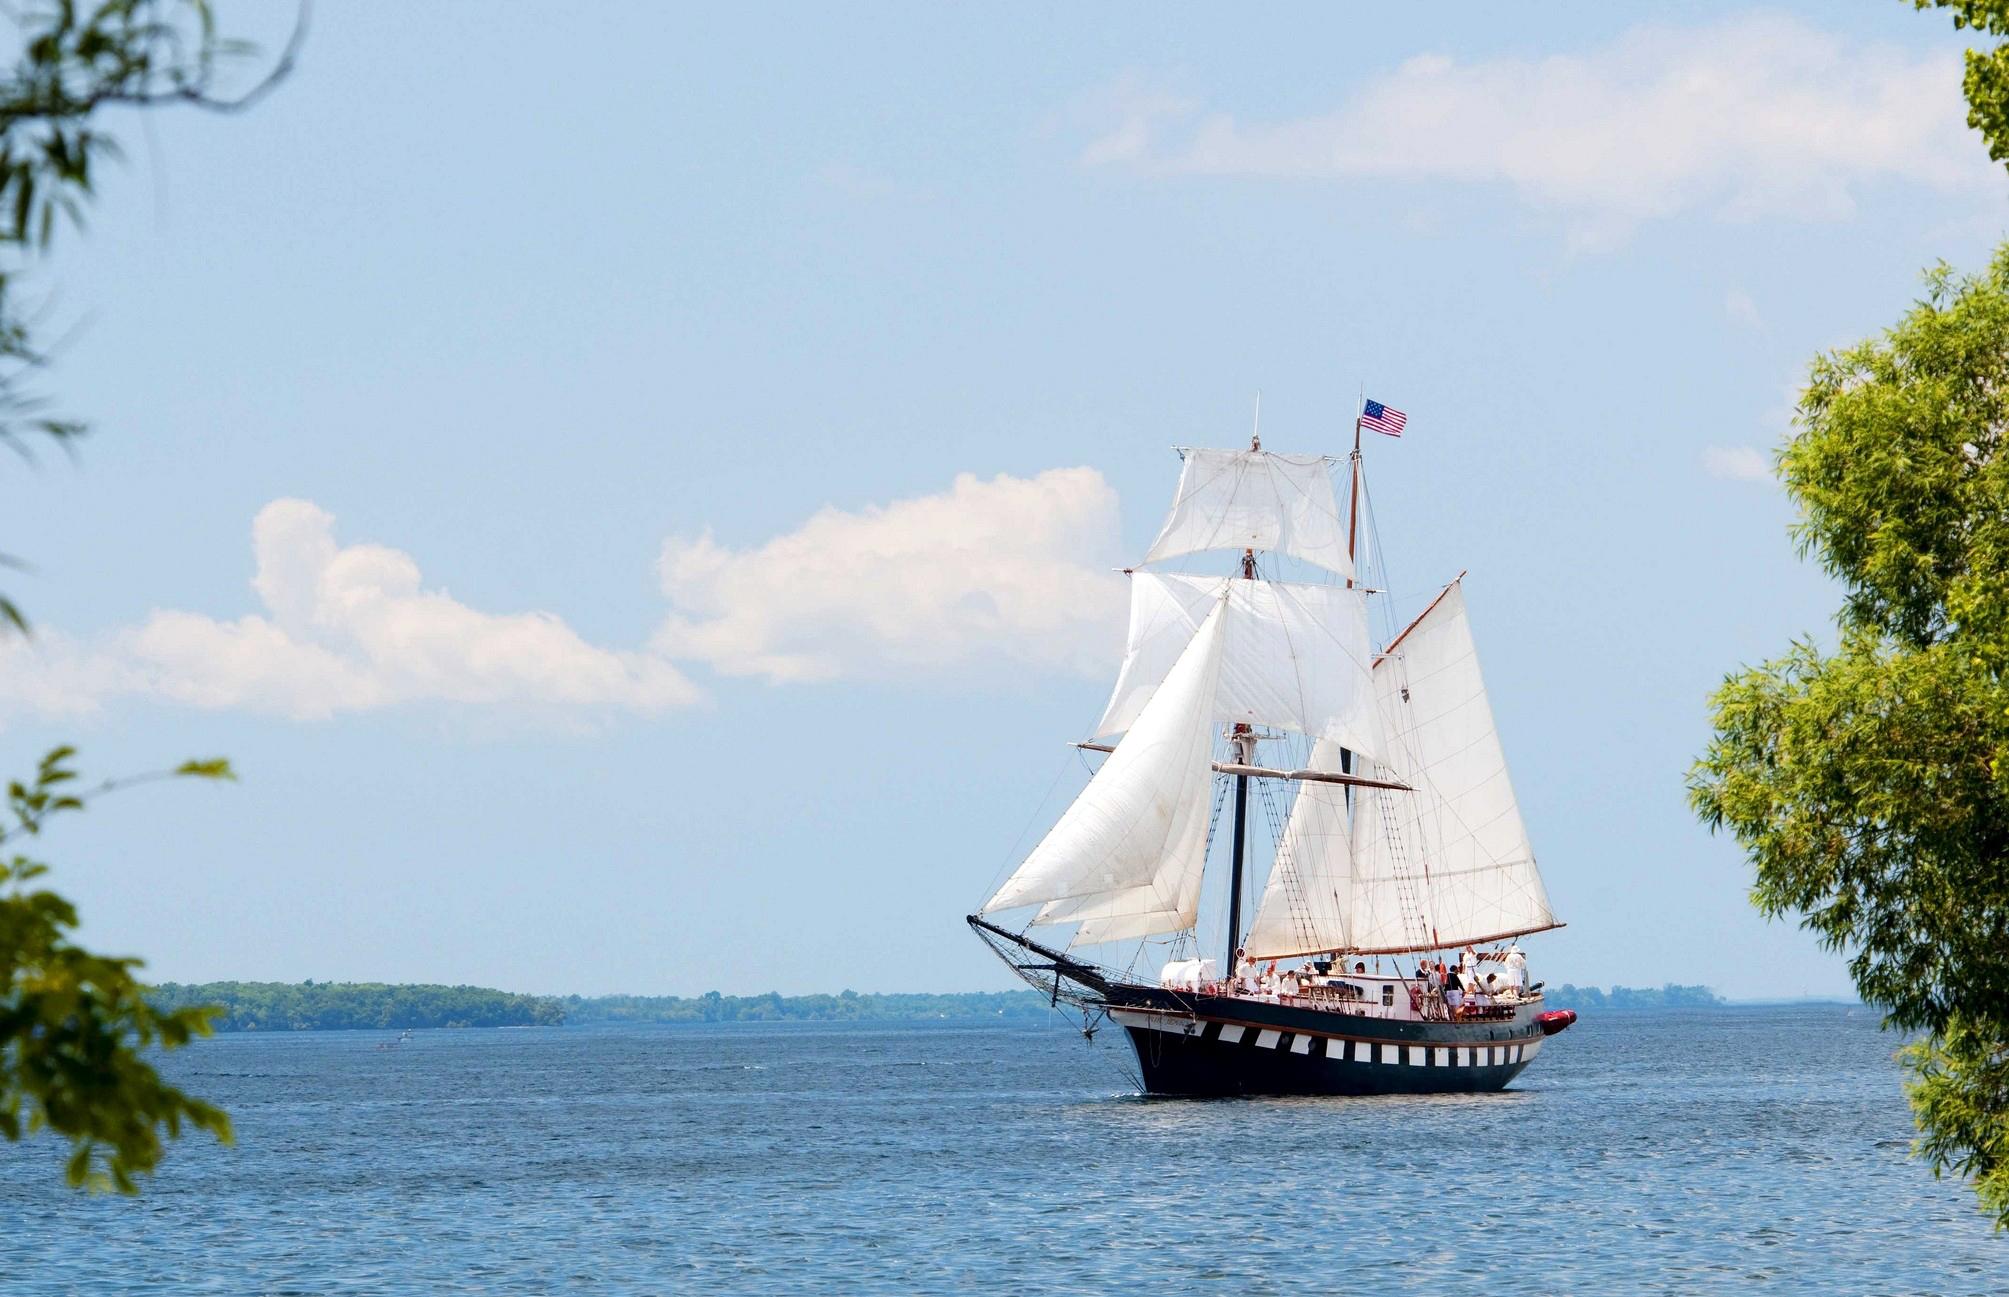 Корабль с белыми парусами плывет по